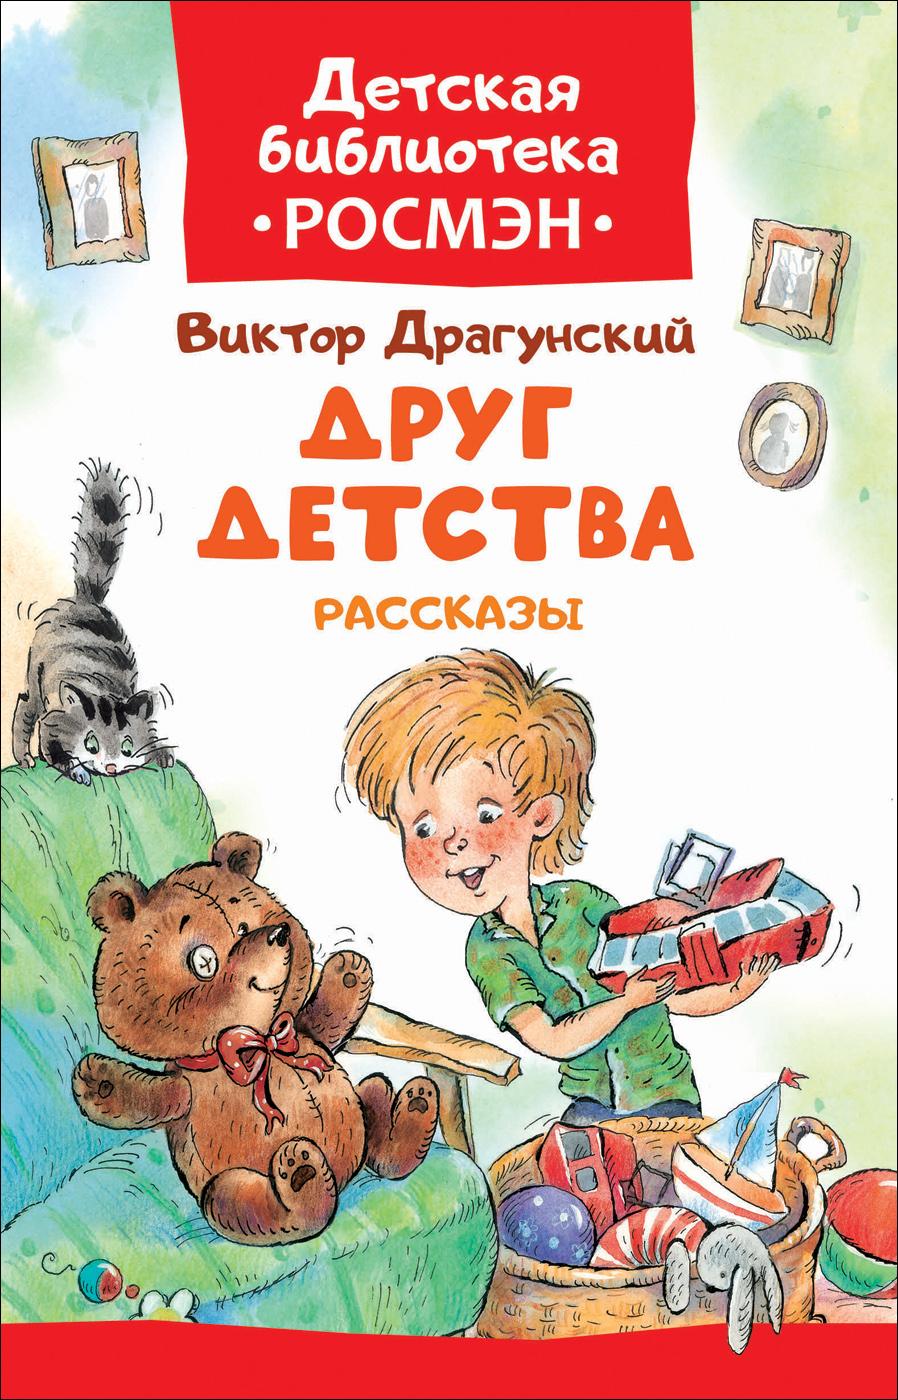 Драгунский В.Ю. В. Друг детства. Рассказы (ДБ РОСМЭН)